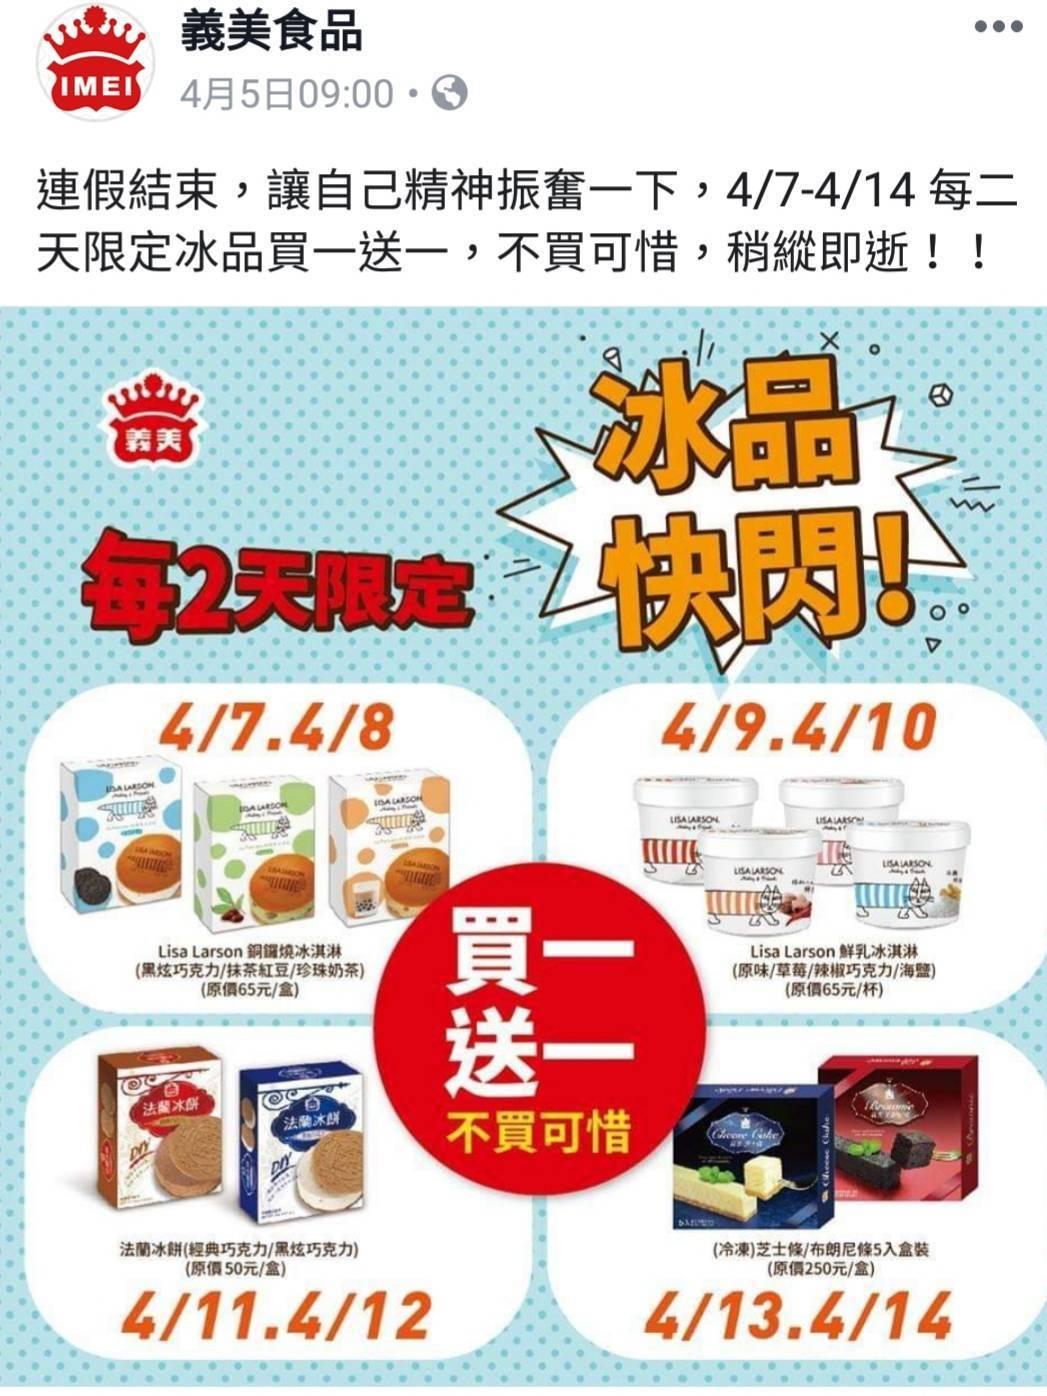 義美冰品優惠「快閃」!推出人氣冰餅、冰淇淋輪番買一送一。圖/翻攝自義美臉書